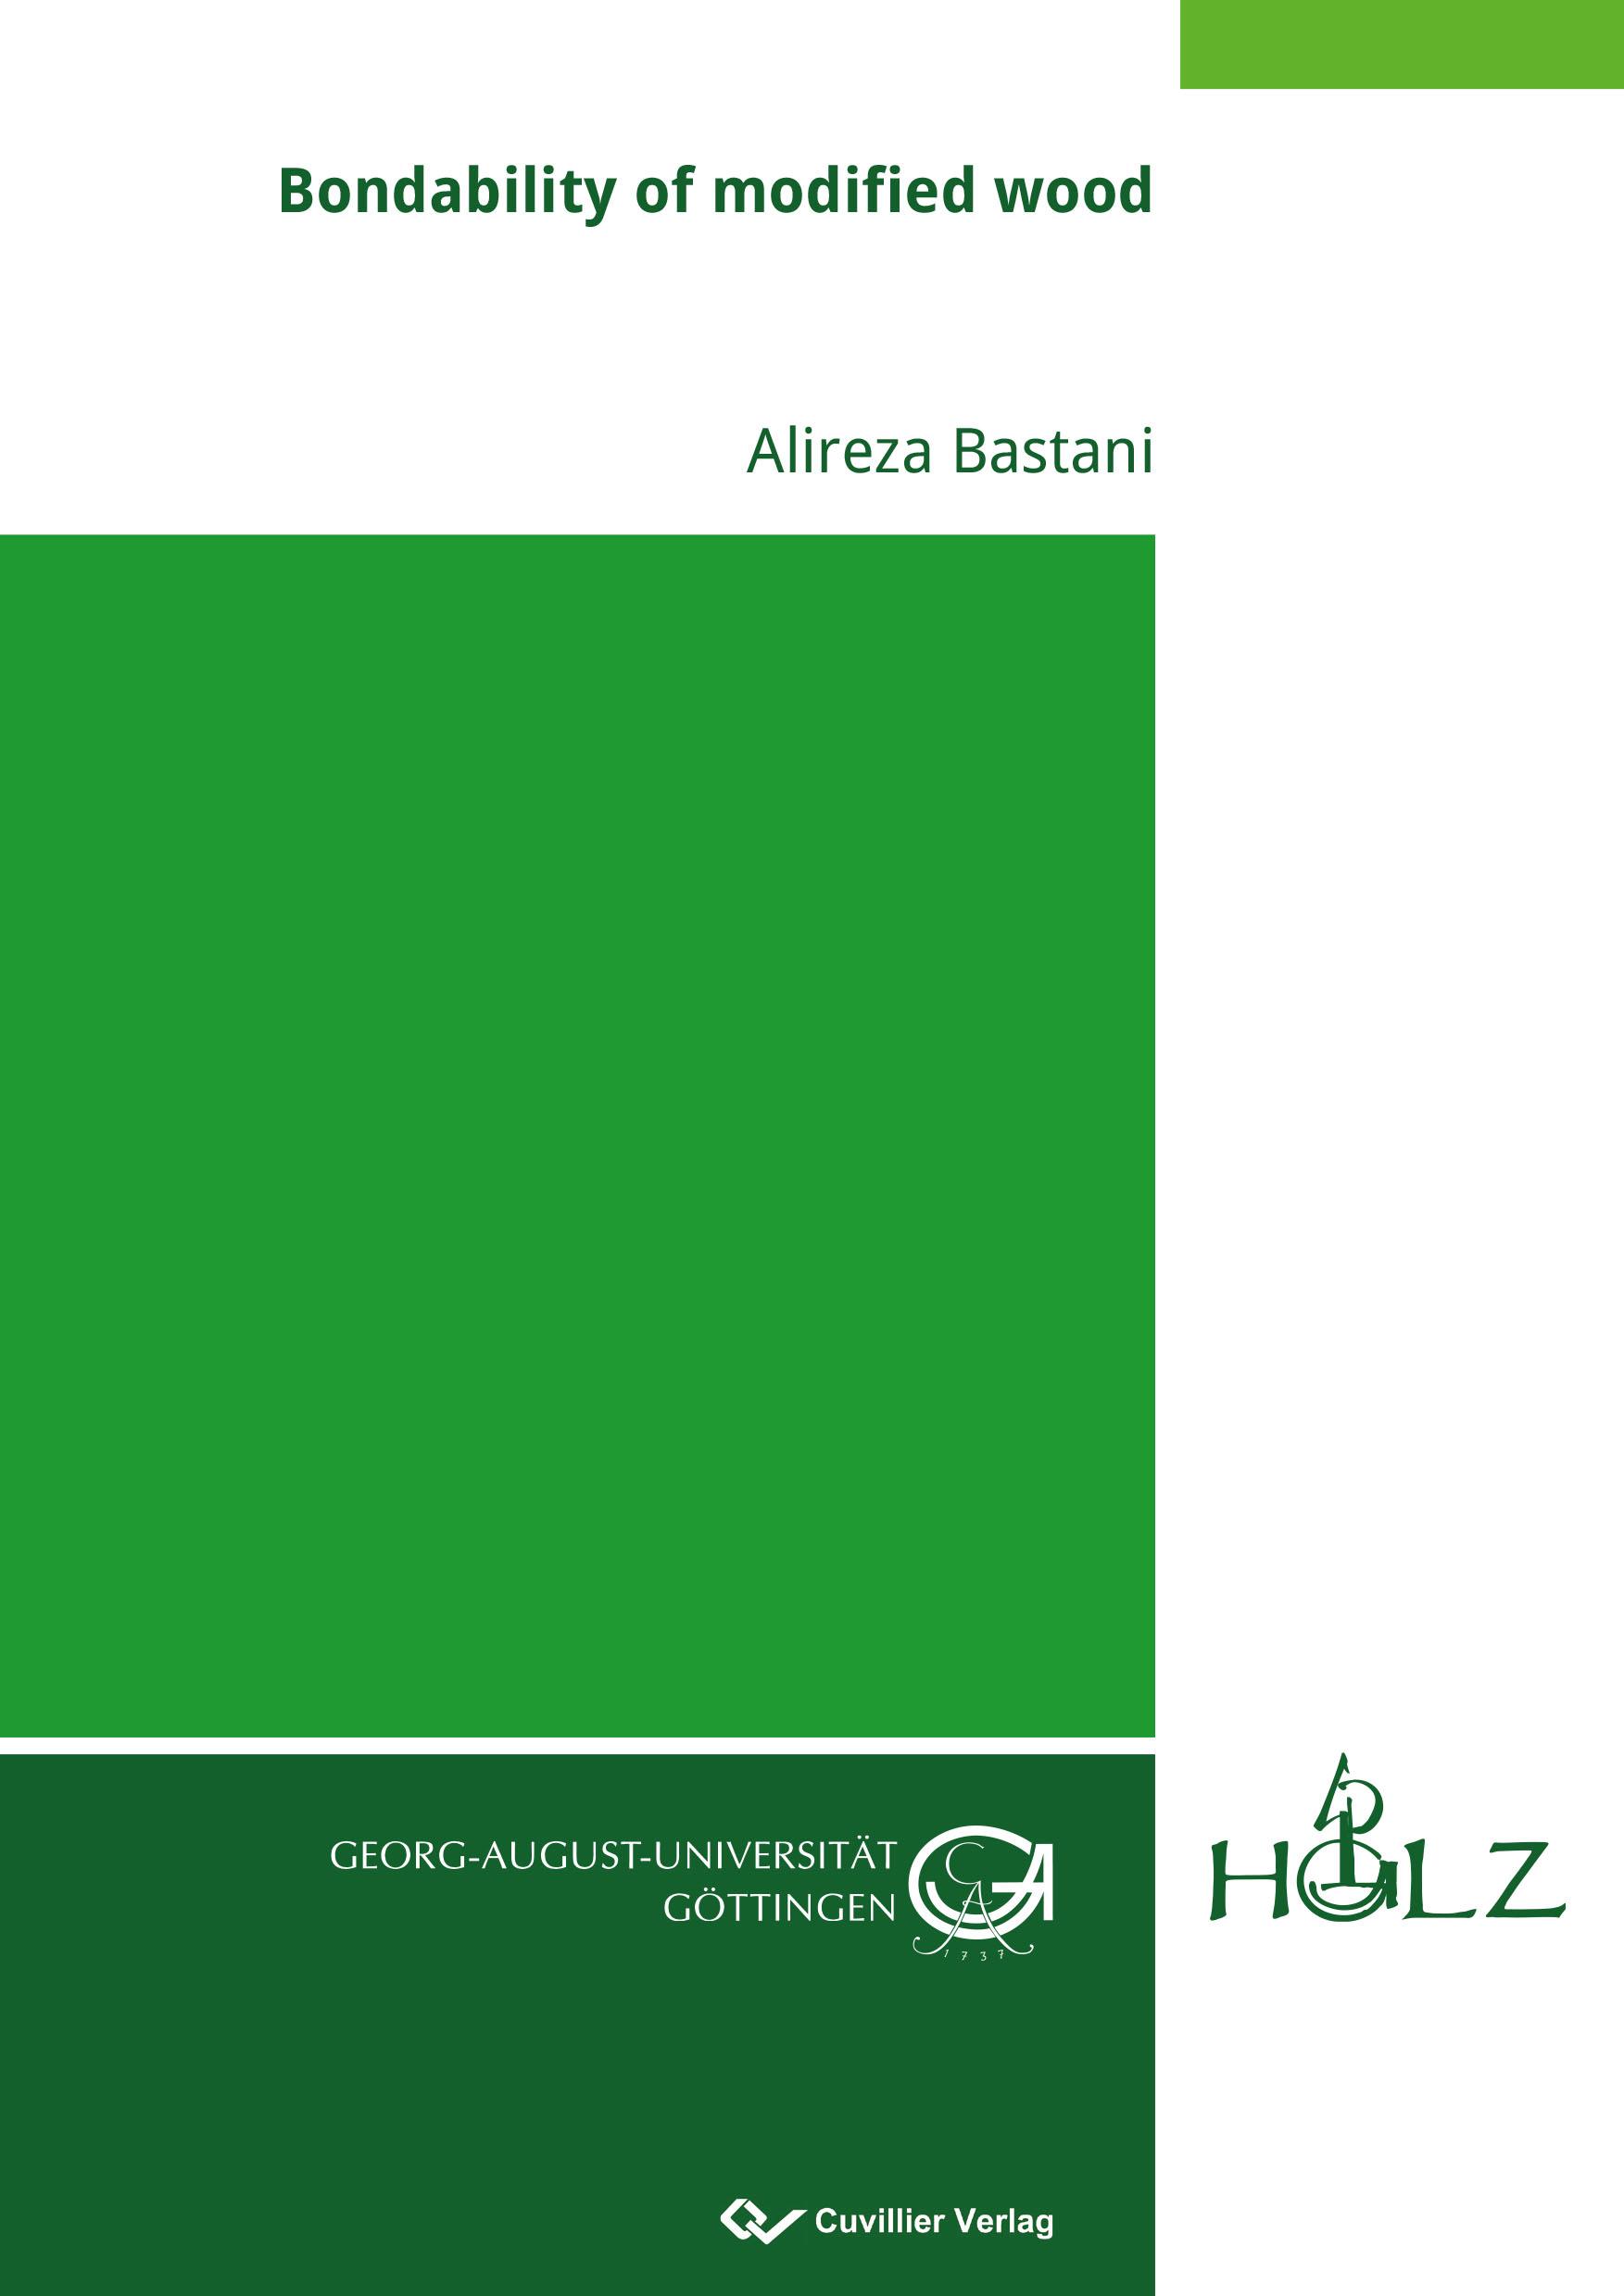 Bondability of modified wood Alireza Bastani